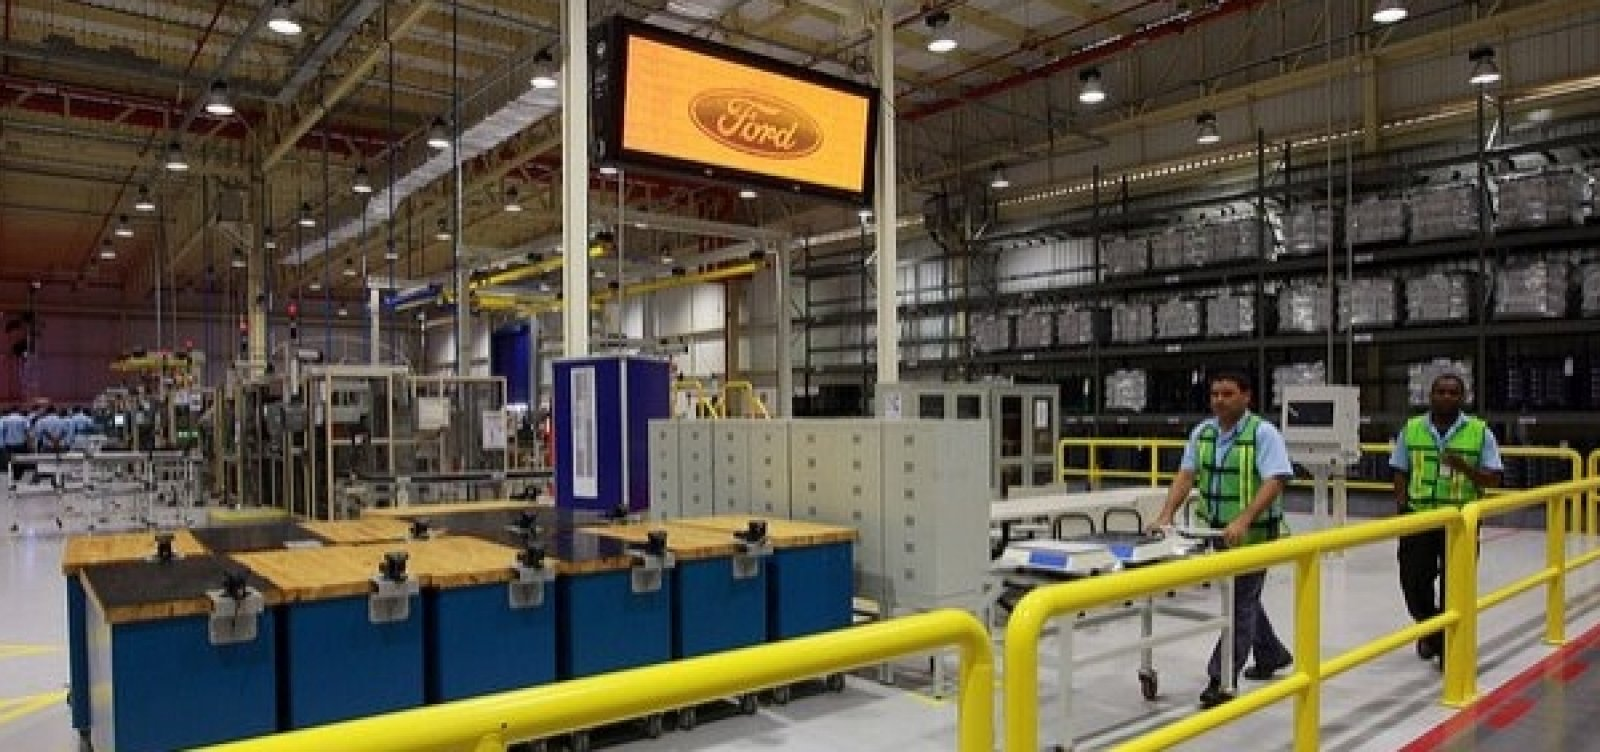 [Após anunciar demissão, Ford chama trabalhadores de volta para produzir peças de reposição]